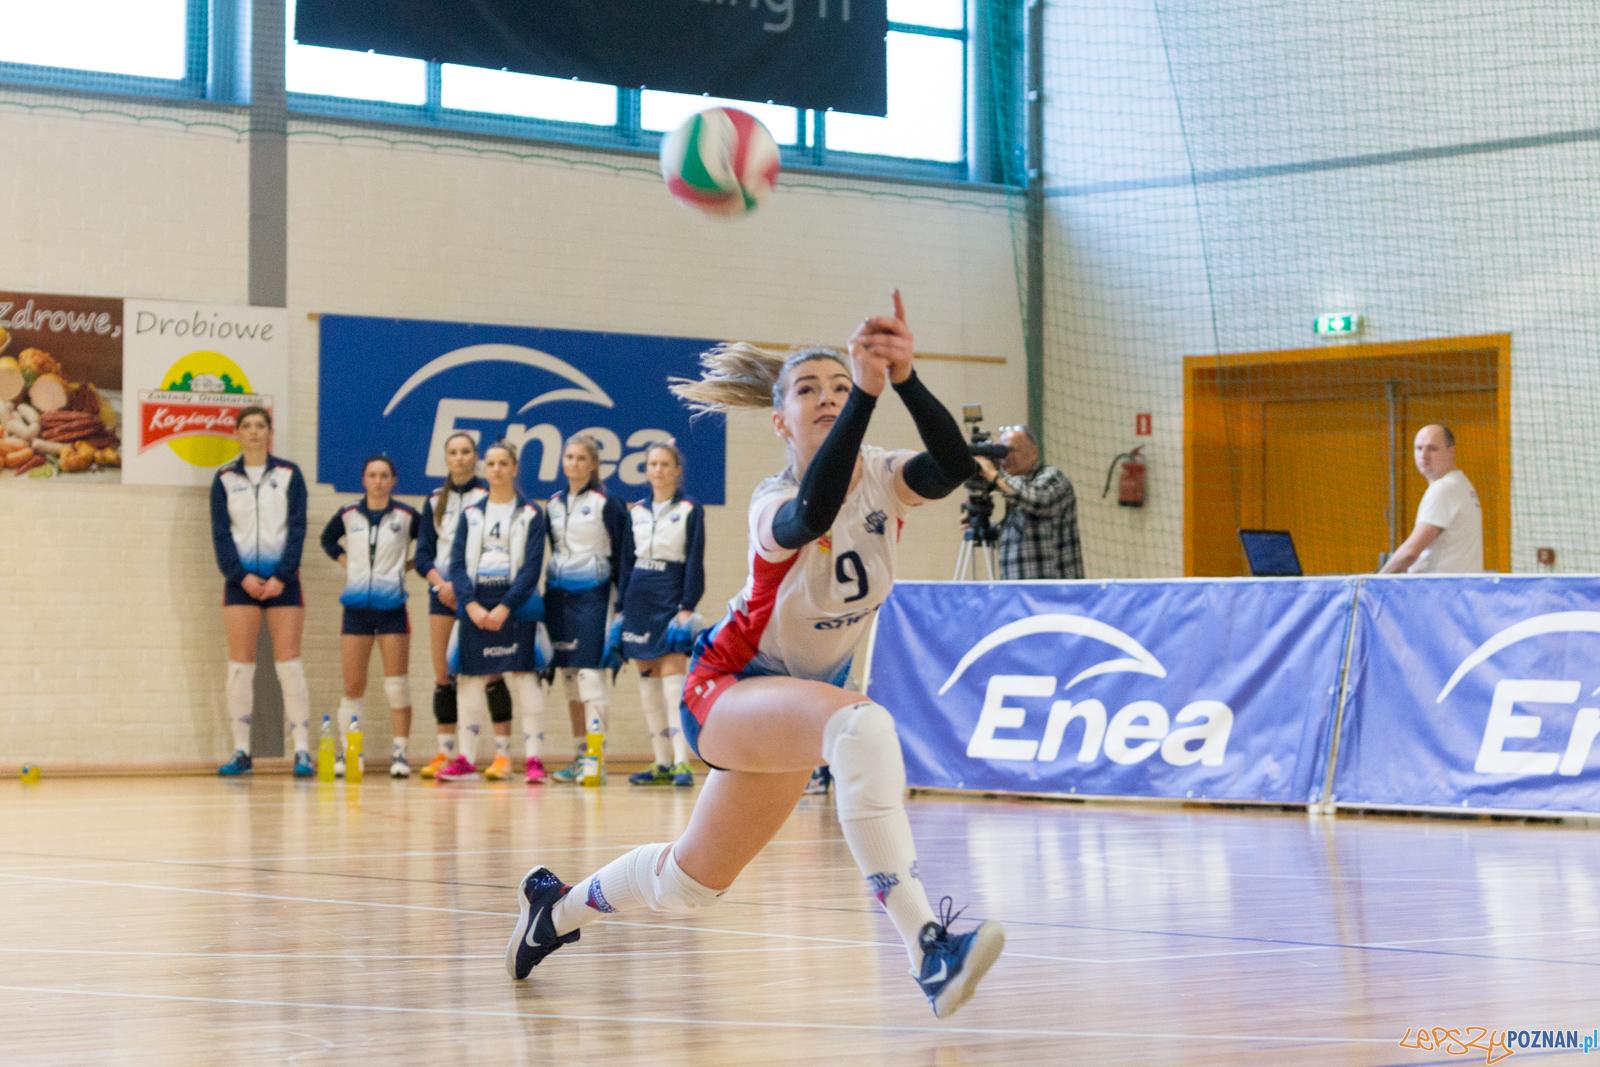 Enea Energetyk Poznań - Wisła Warszawa  Foto: lepszyPOZNAN.pl/Piotr Rychter